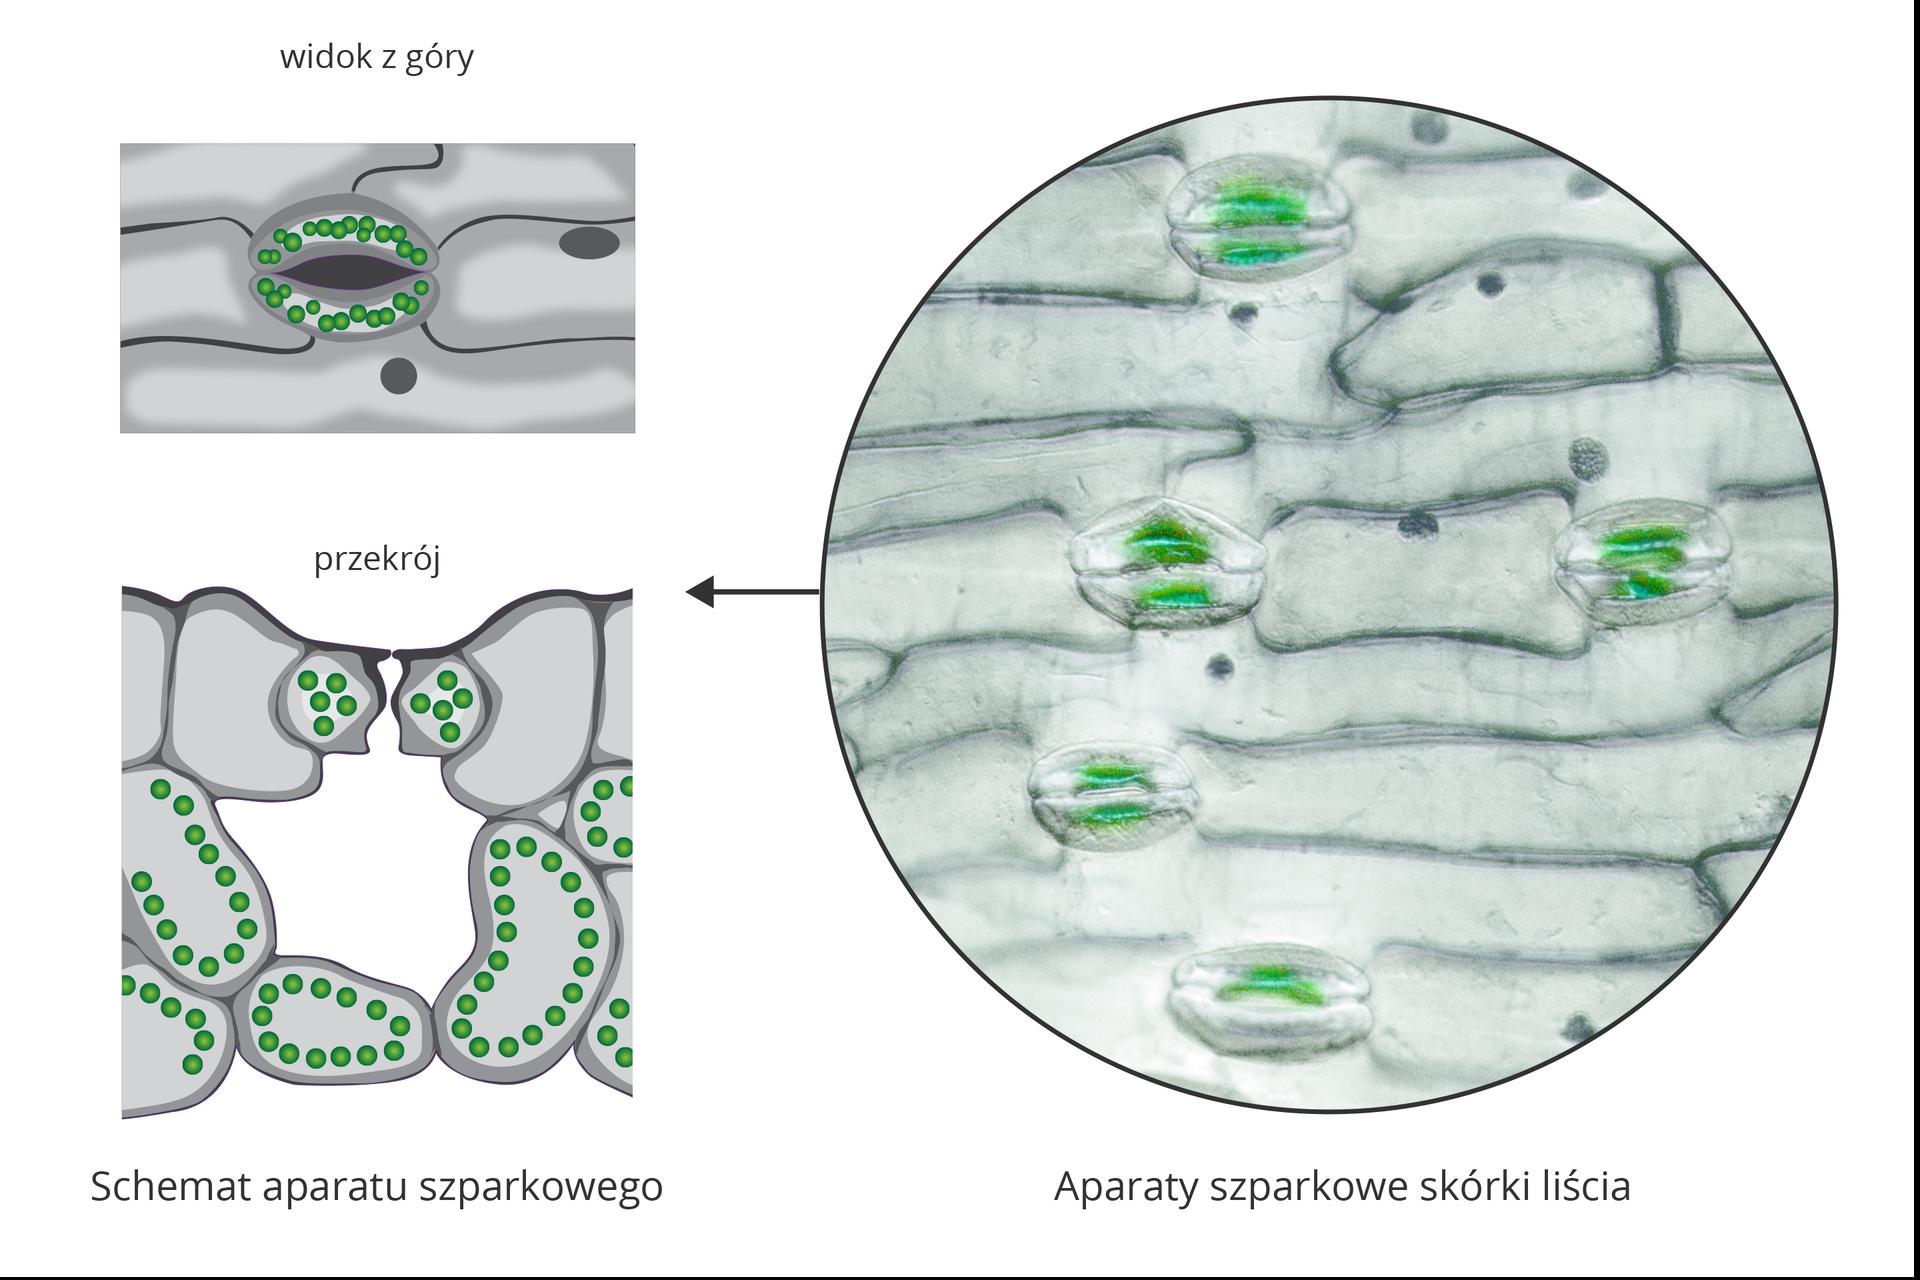 Ilustracja przedstawia trzy zielone rysunki aparatów szparkowych wpowiększeniu mikroskopowym. Pierwszy od góry to widok otwartej szparki. Dwie stykające się końcami, kiełbaskowate komórki mają wewnątrz liczne ciemne ziarna – chloroplasty. Poniżej ukazano przekrój poprzeczny przez aparat szparkowy. Zielone komórki zchloroplastami otaczają pustą przestrzeń. Po prawej wkole fotografia mikroskopowa skórki zkomórkami szparkowymi.